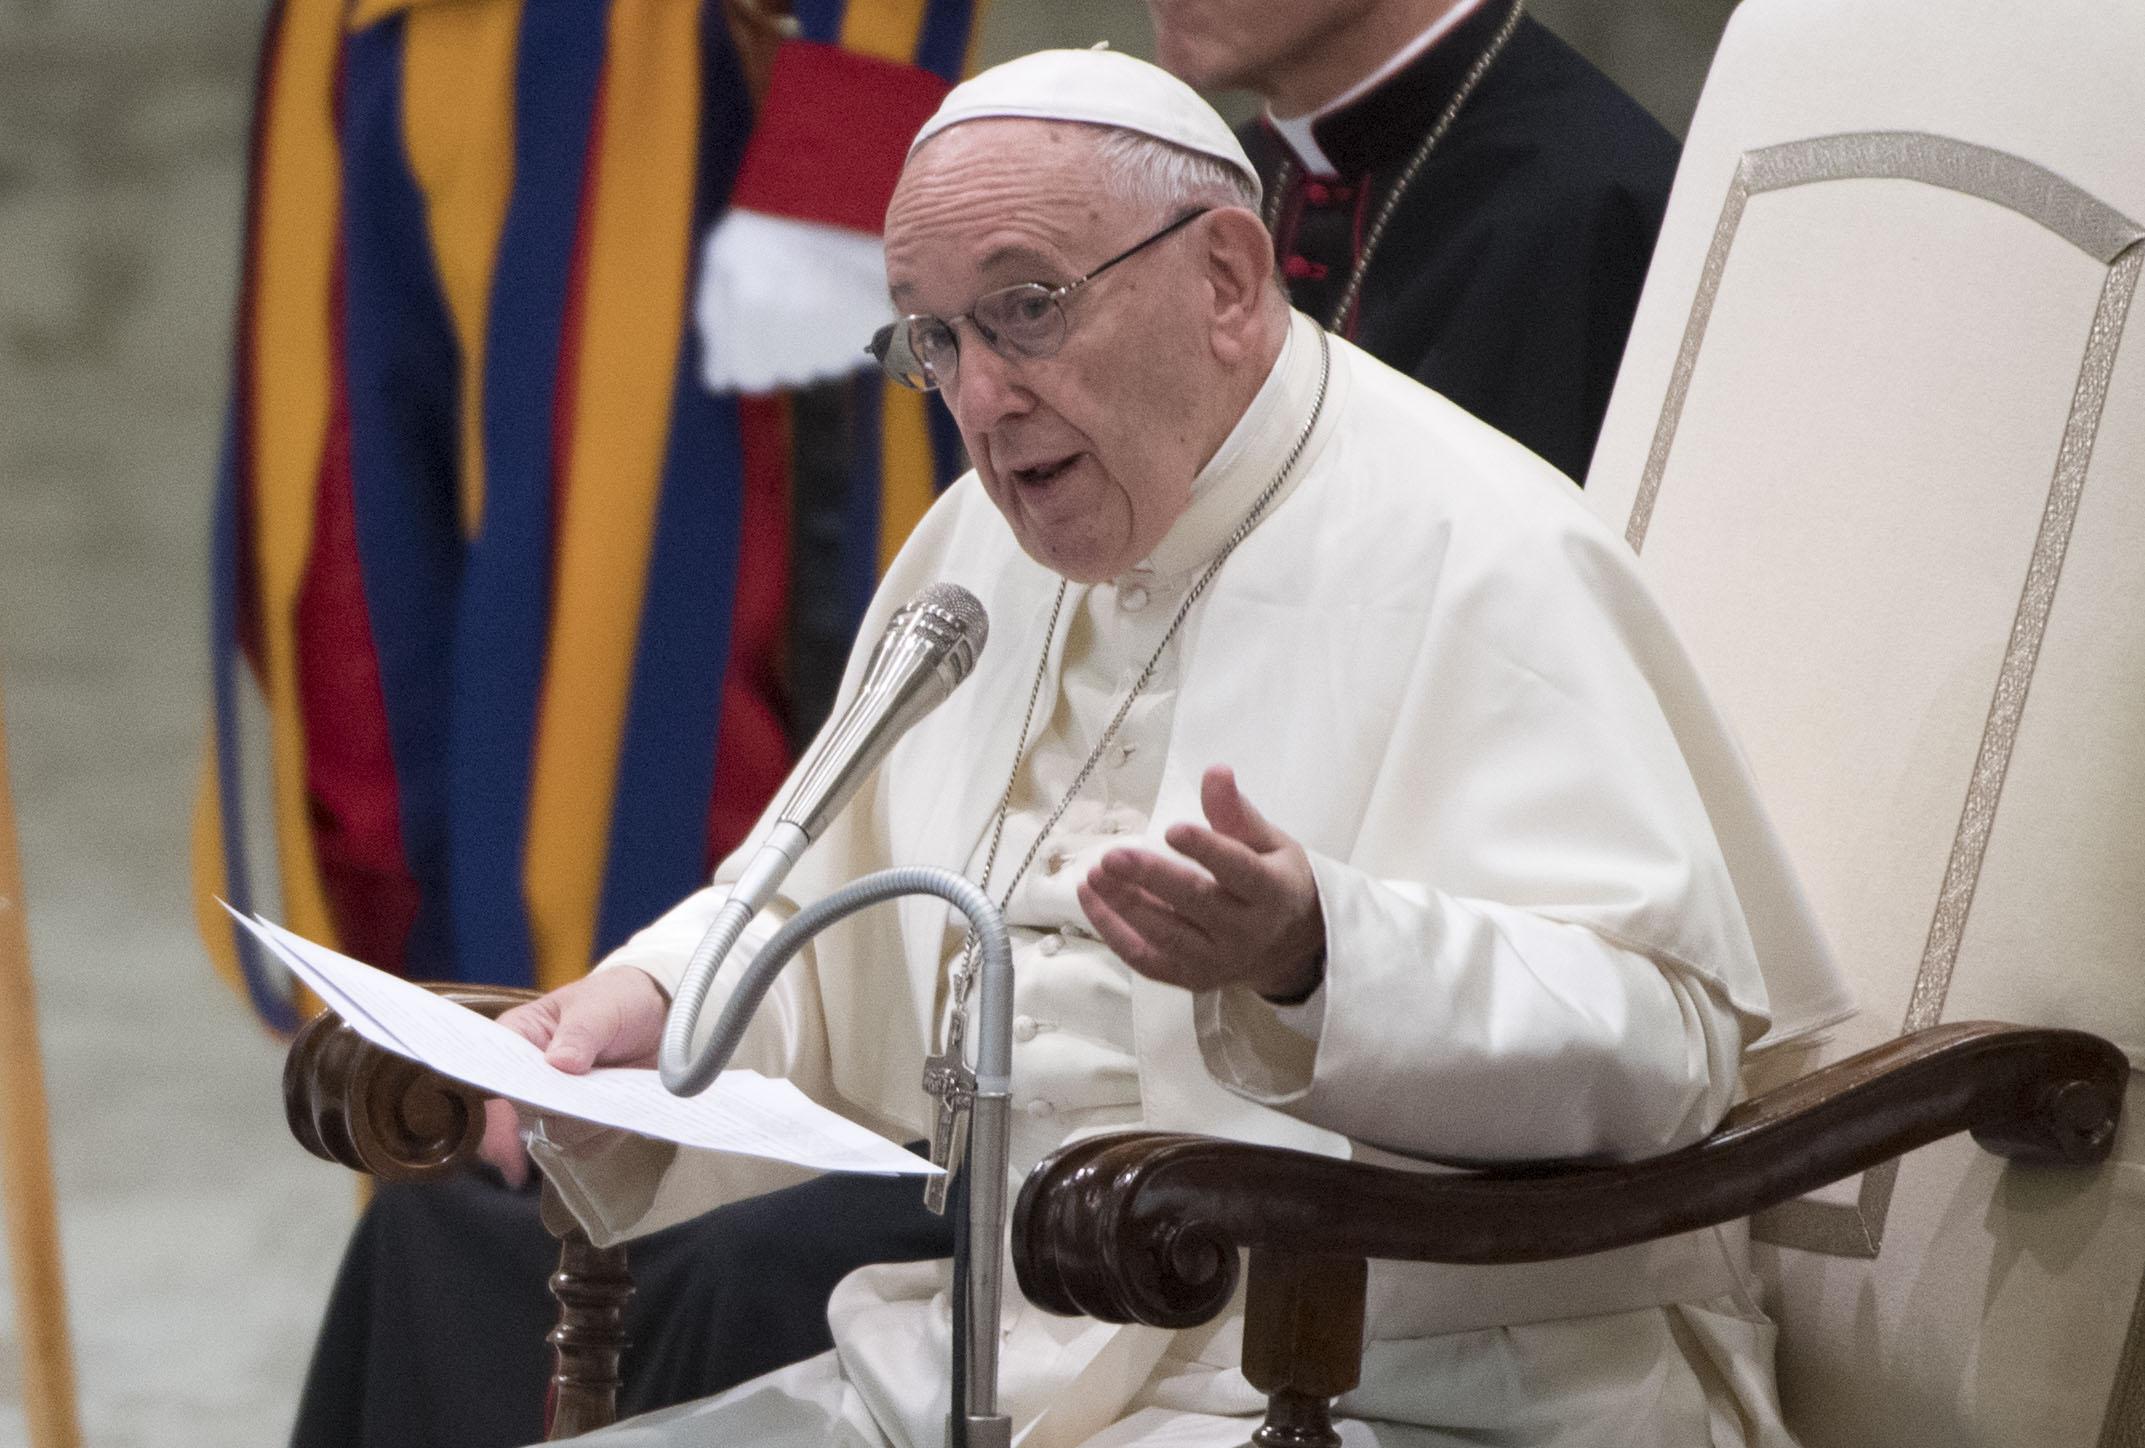 'Qual è il tuo idolo, lo smartphone, il trucco? Buttali dalla finestra': il monito di papa Francesco contro il rischio idolatria